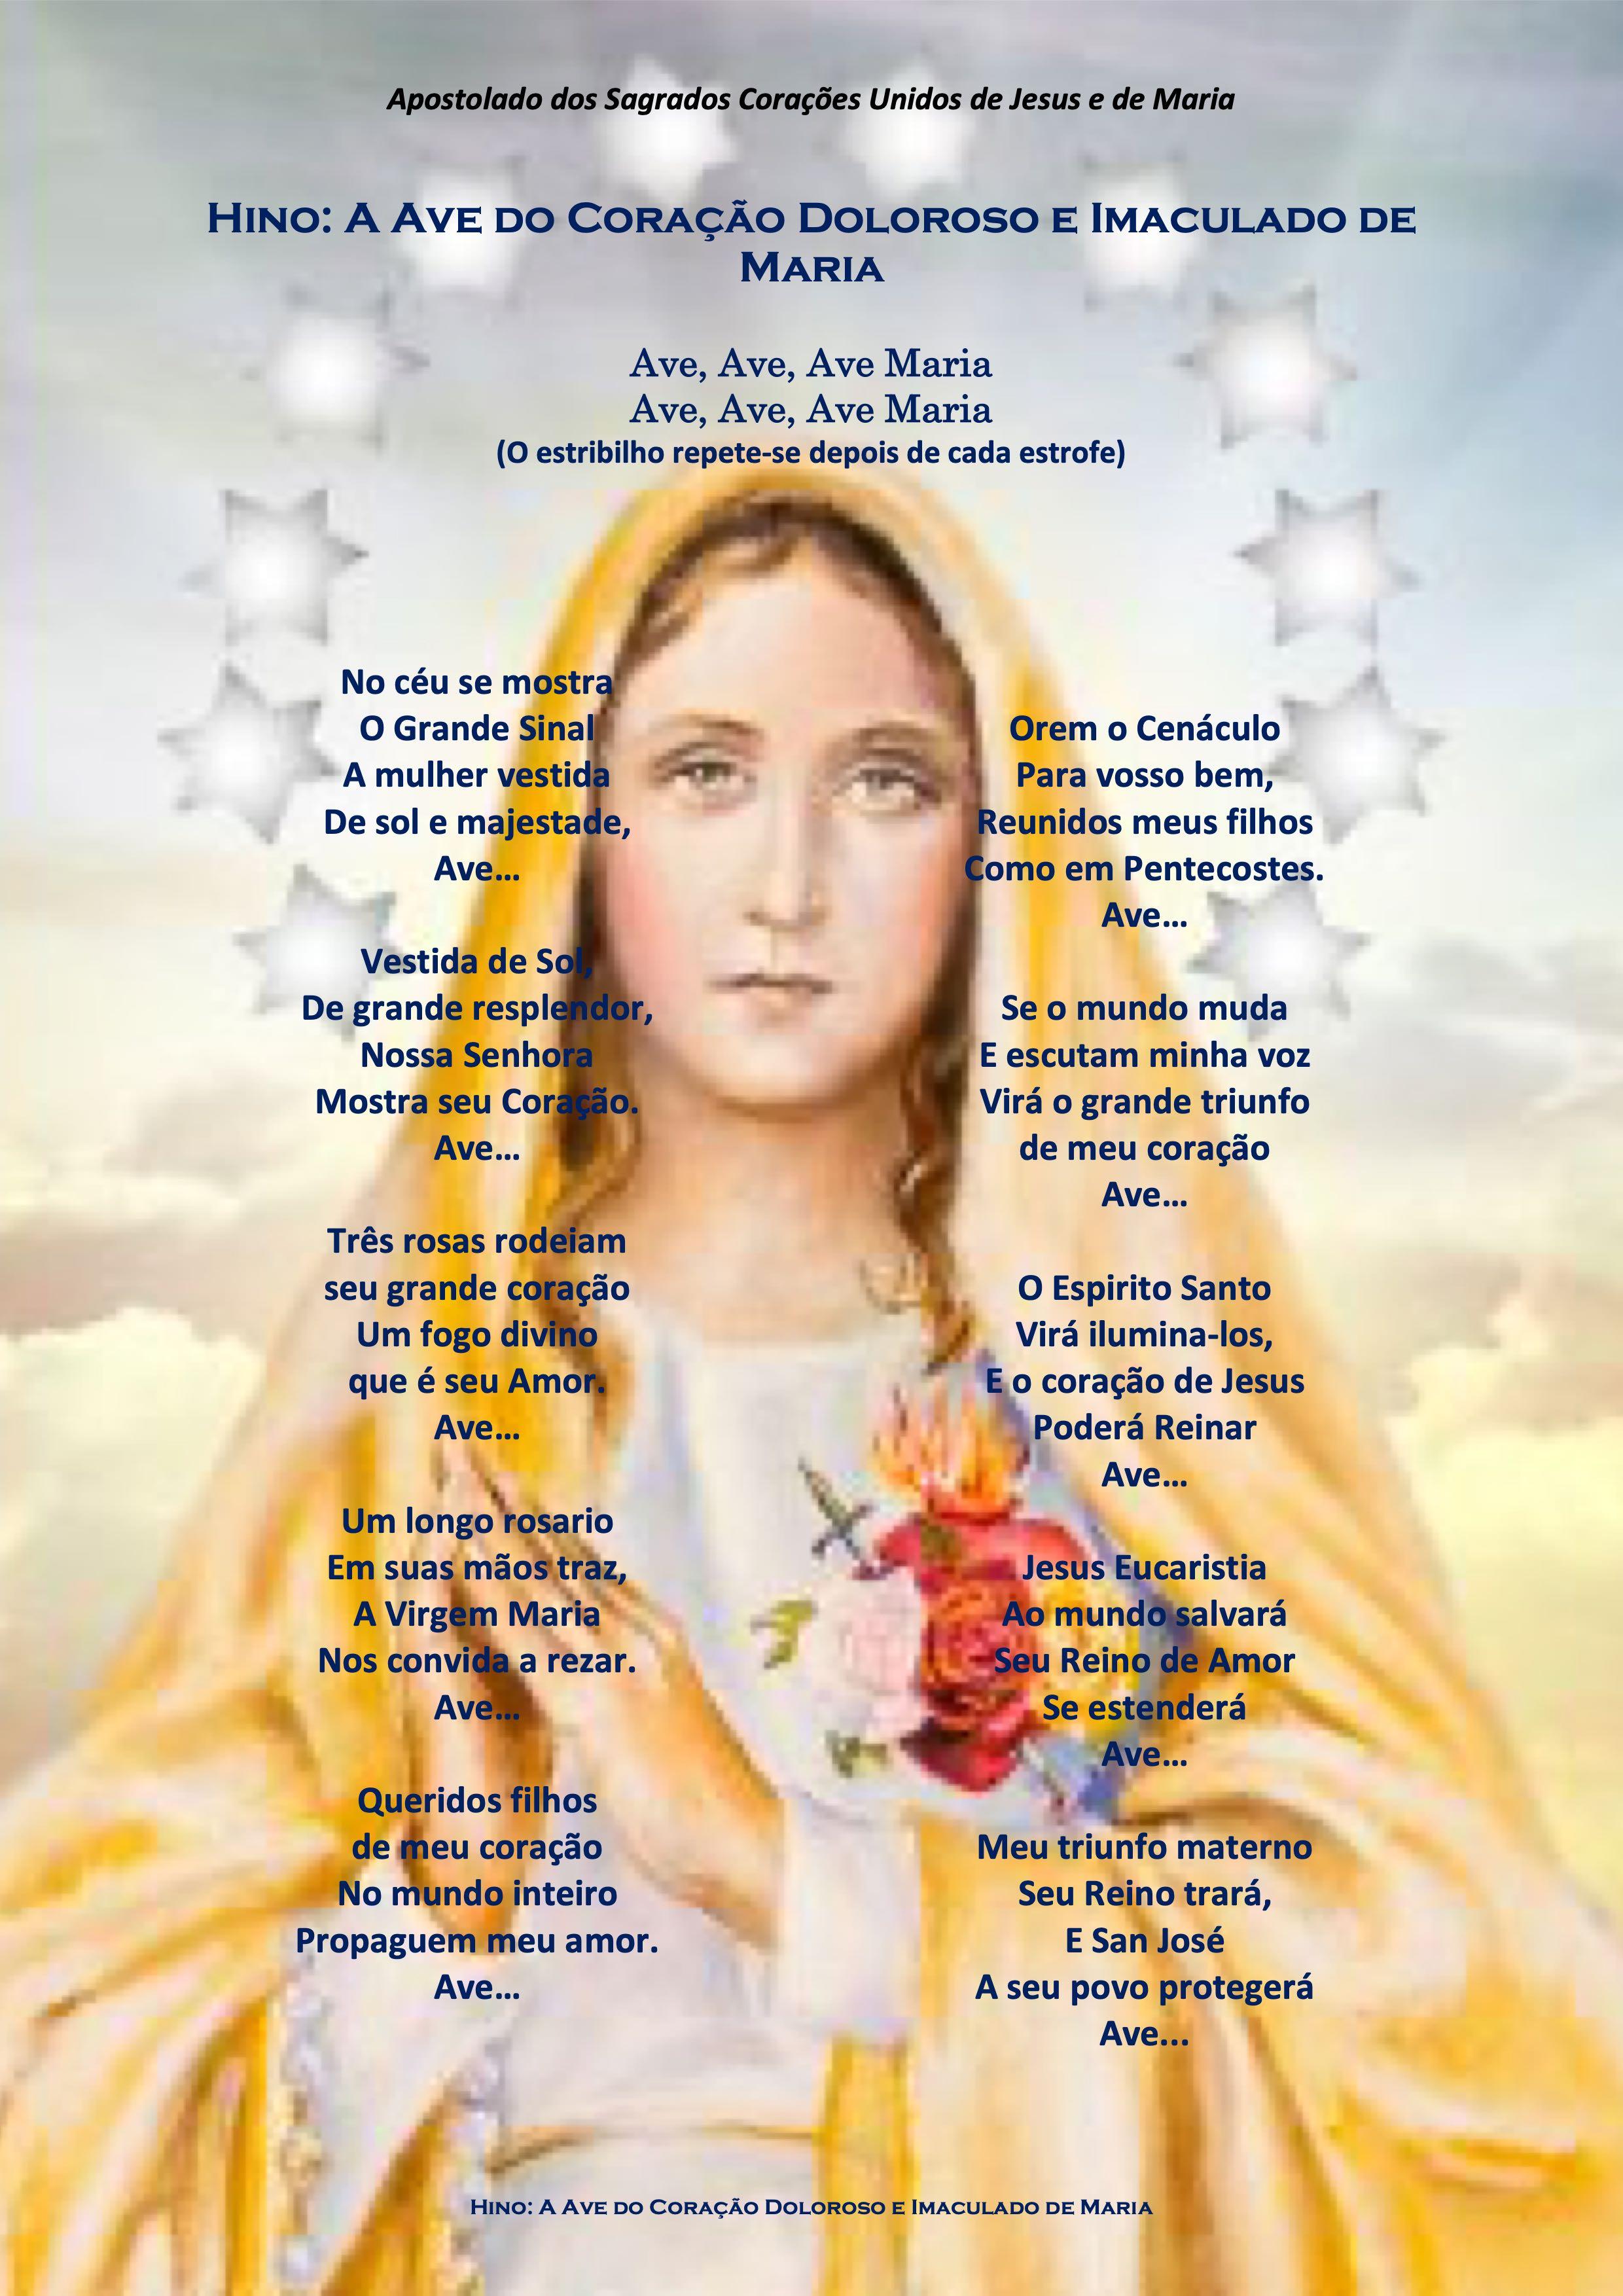 Hino - A Ave do Coração Doloroso e Imaculado de Maria-pt-08.09.2021